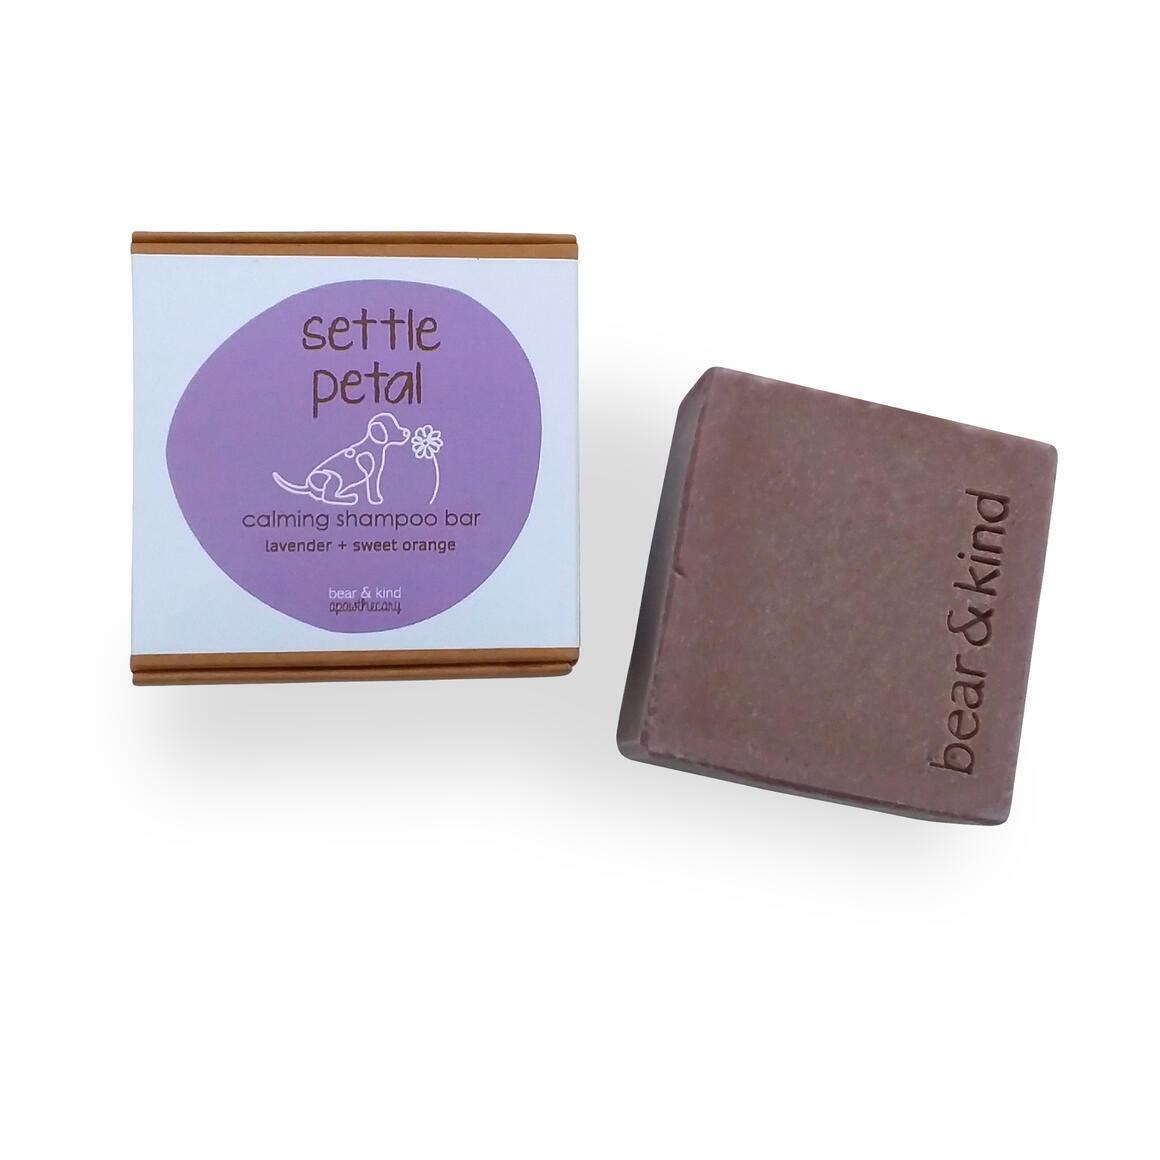 Settle Petal Calming Shampoo Bar | Trada Marketplace